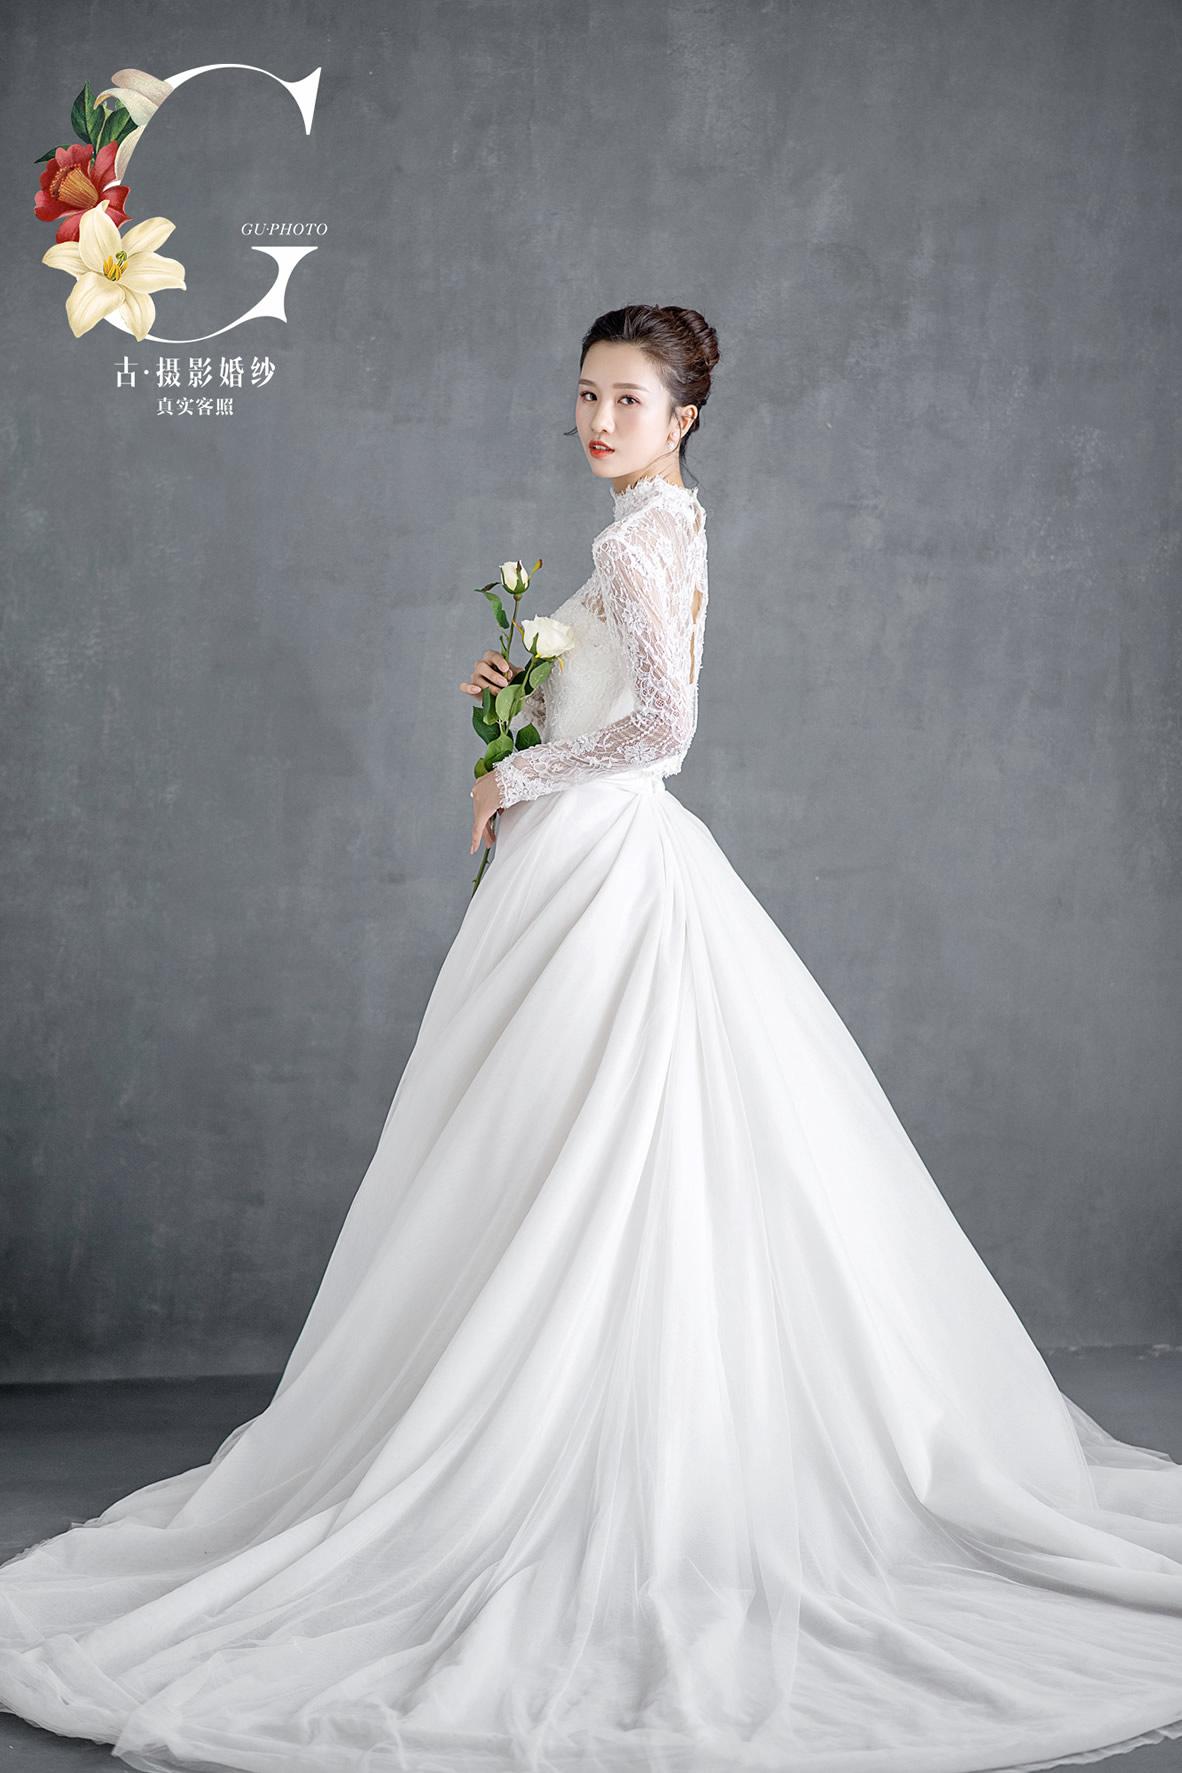 朱先生 段小姐 - 每日客照 - 古摄影婚纱艺术-古摄影成都婚纱摄影艺术摄影网